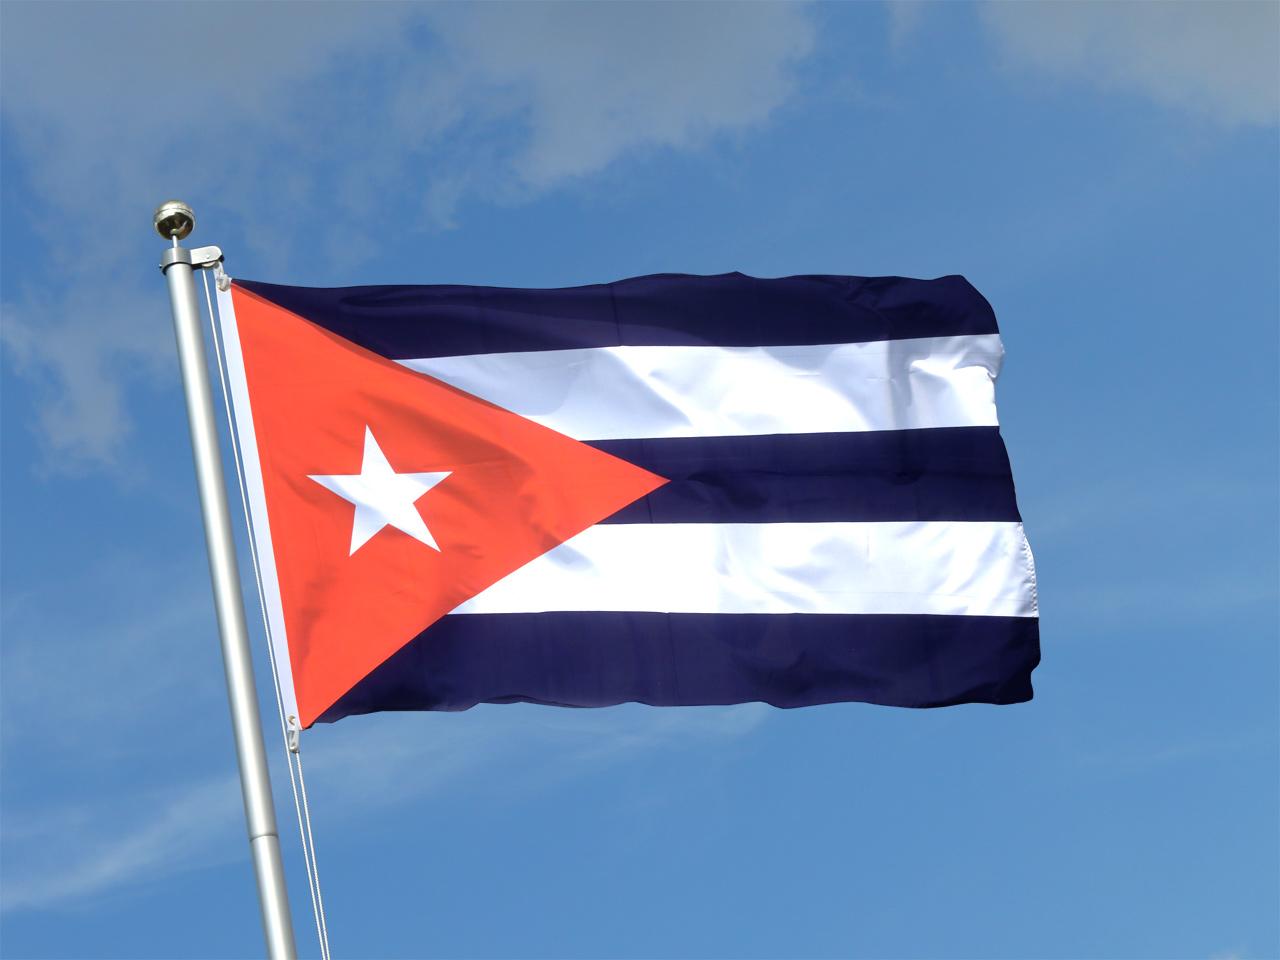 Kuba flagge 90 x 150 cm kaufen Kuba dekoration